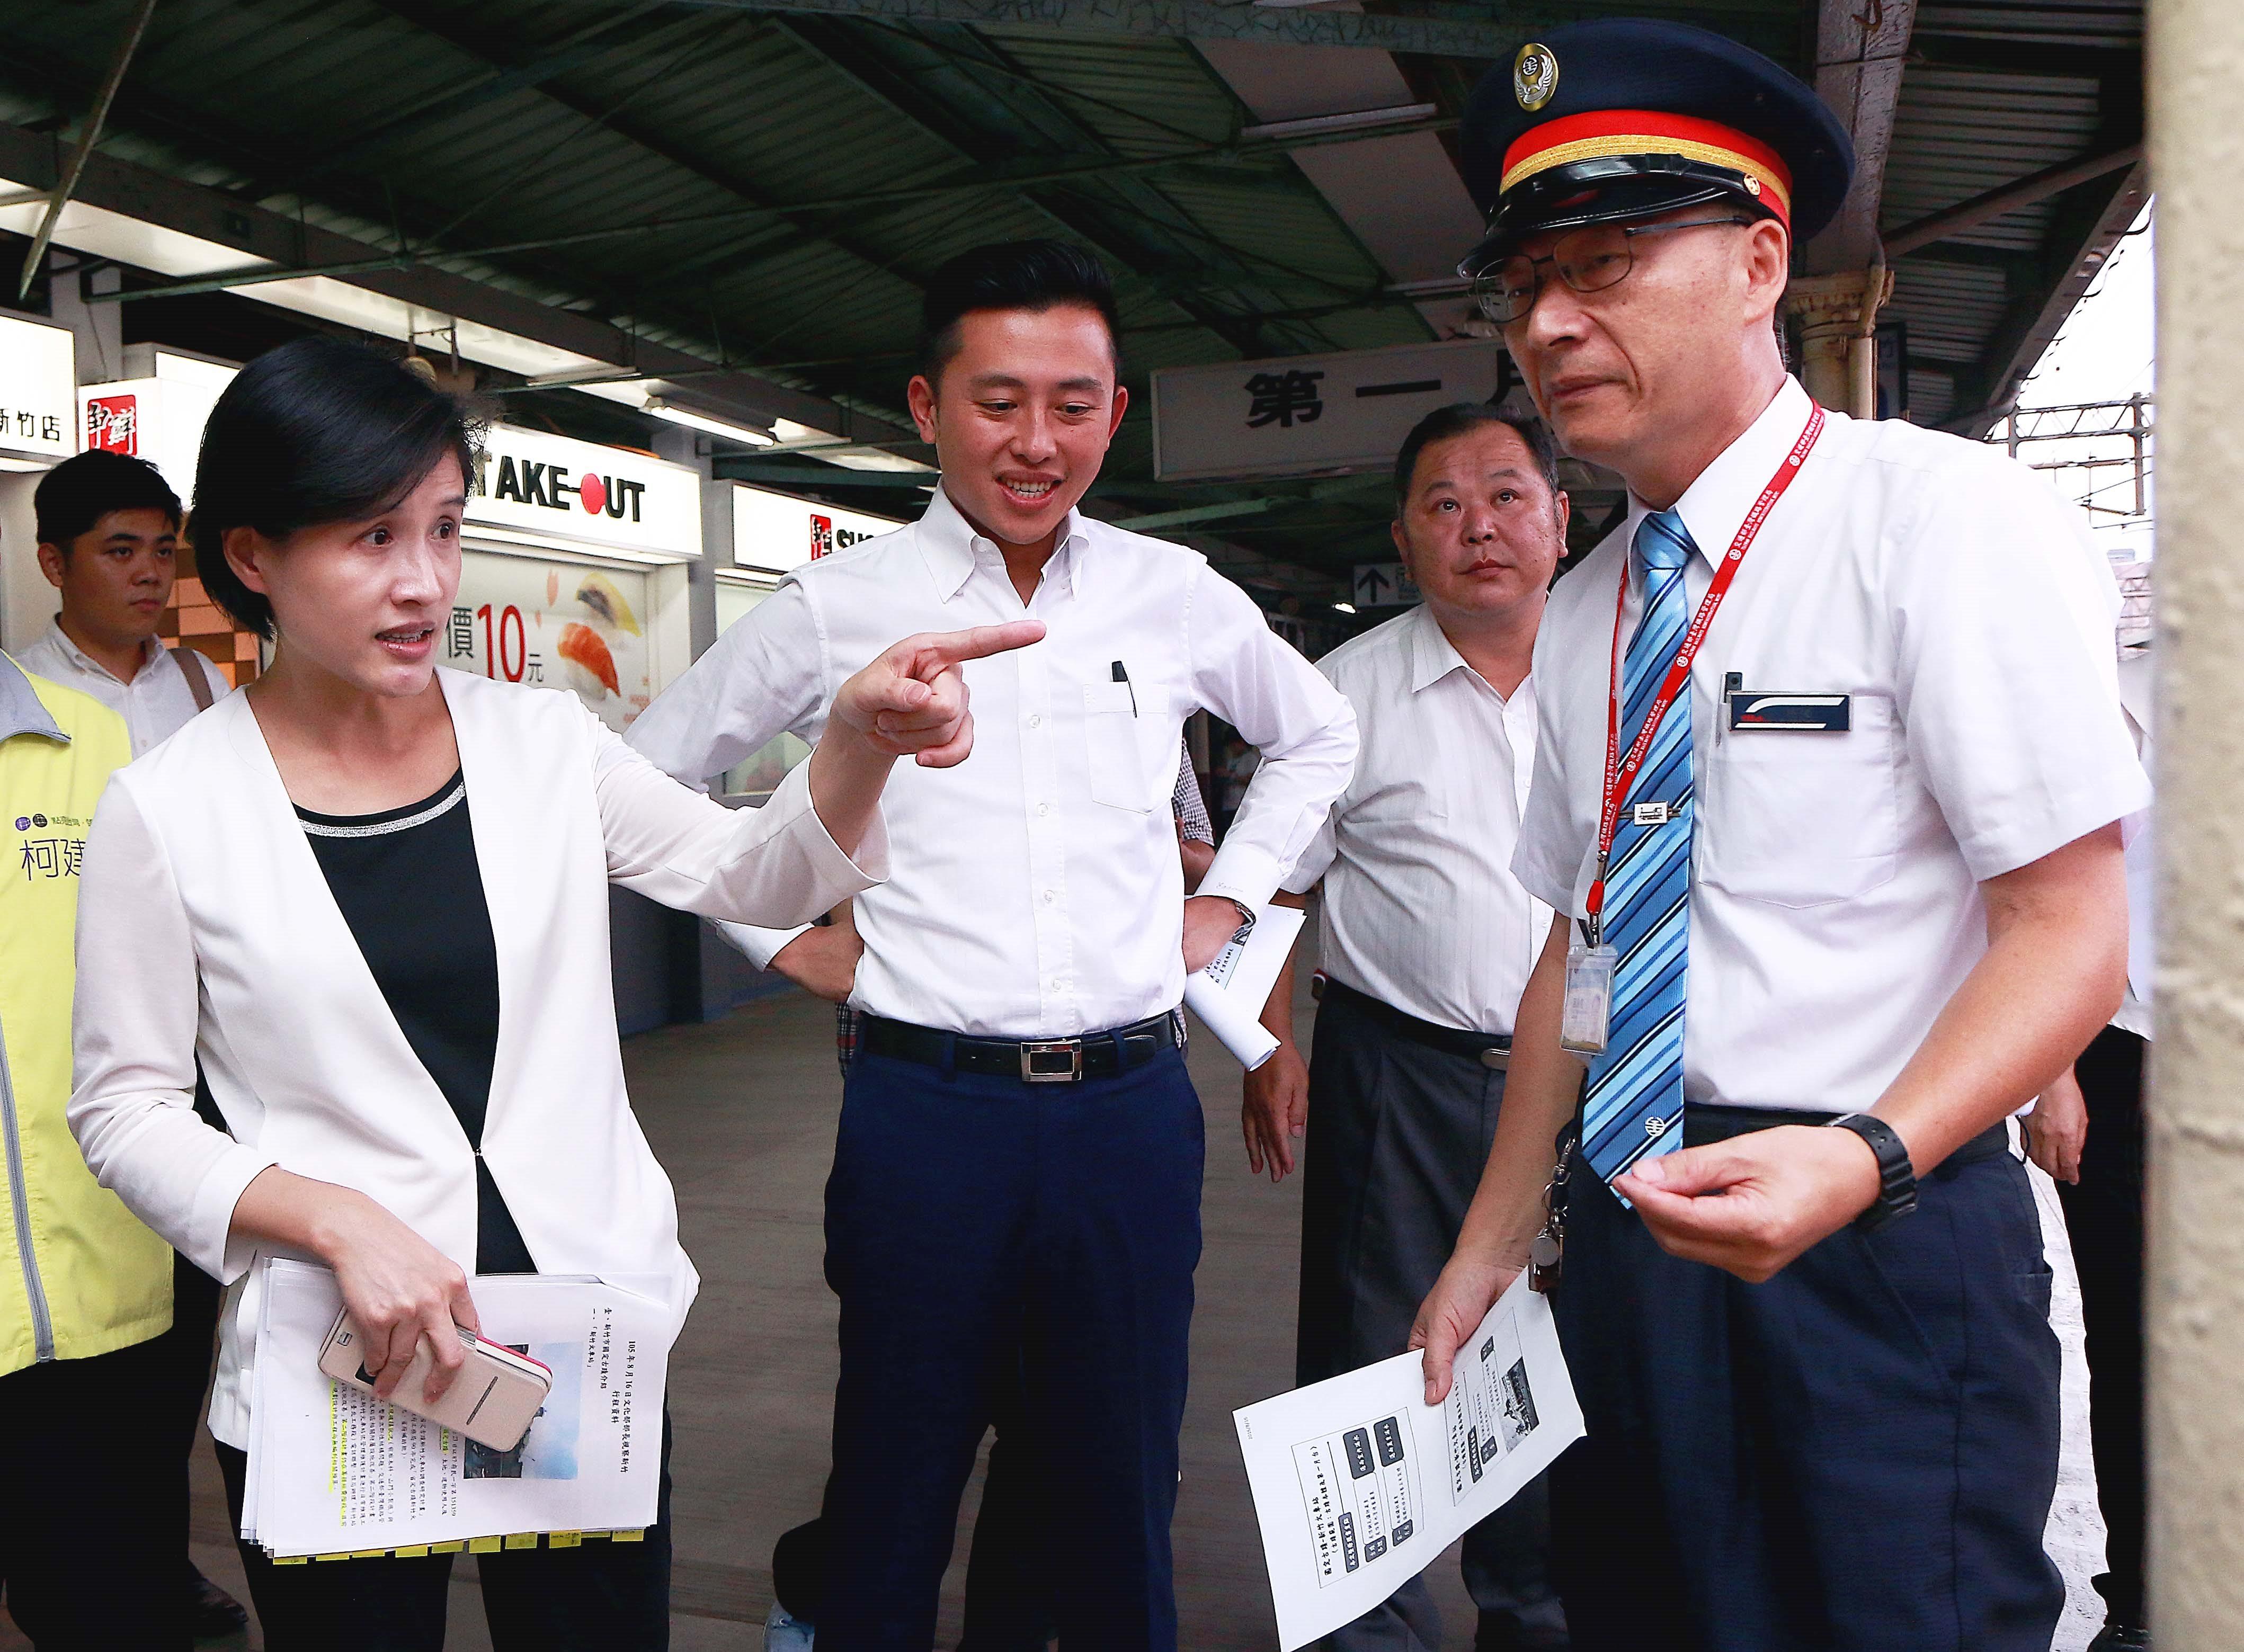 文化部長訪視新竹市  允諾加強文化資源挹注